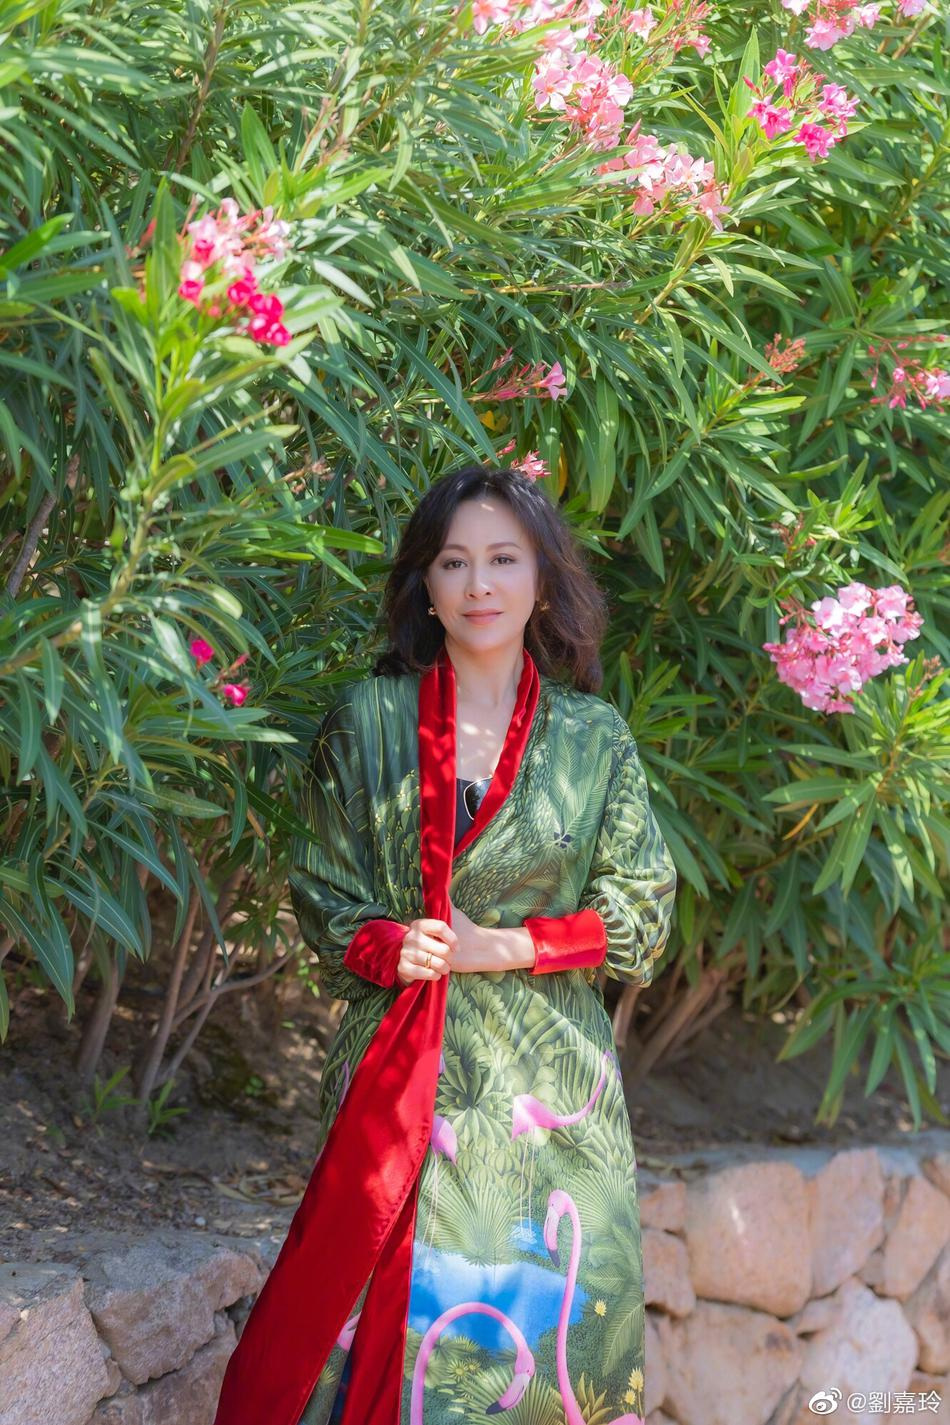 刘嘉玲度假穿森林系外套很夏天 妆容精致人比花娇